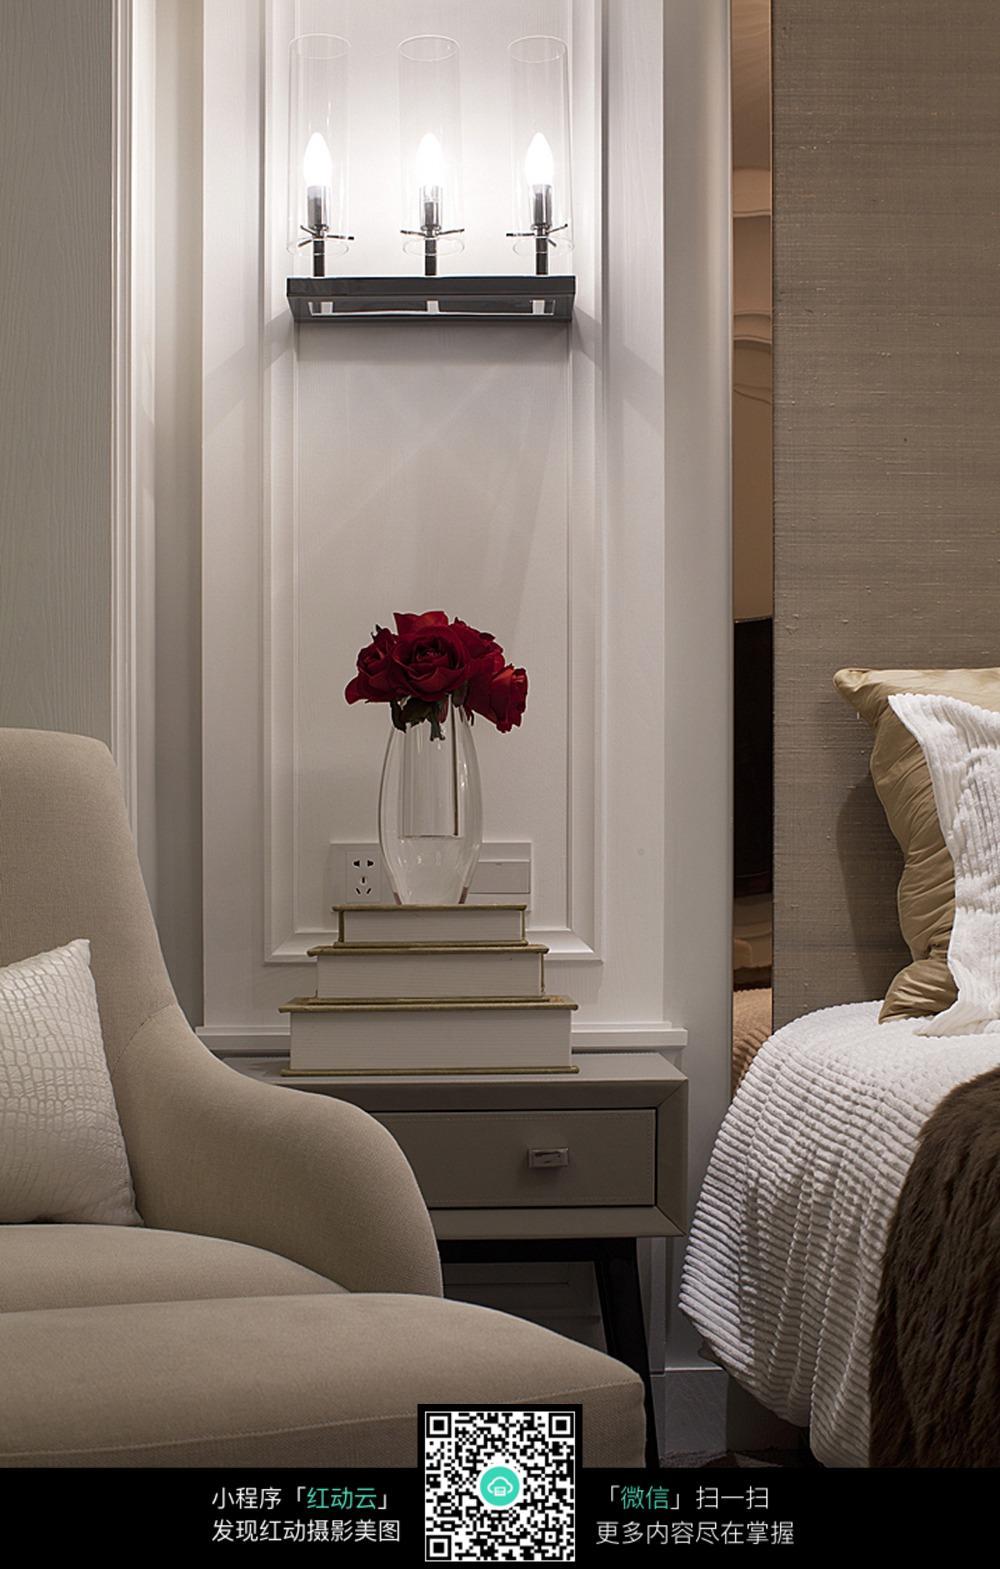 室内设计平面布置图 床头一角设计